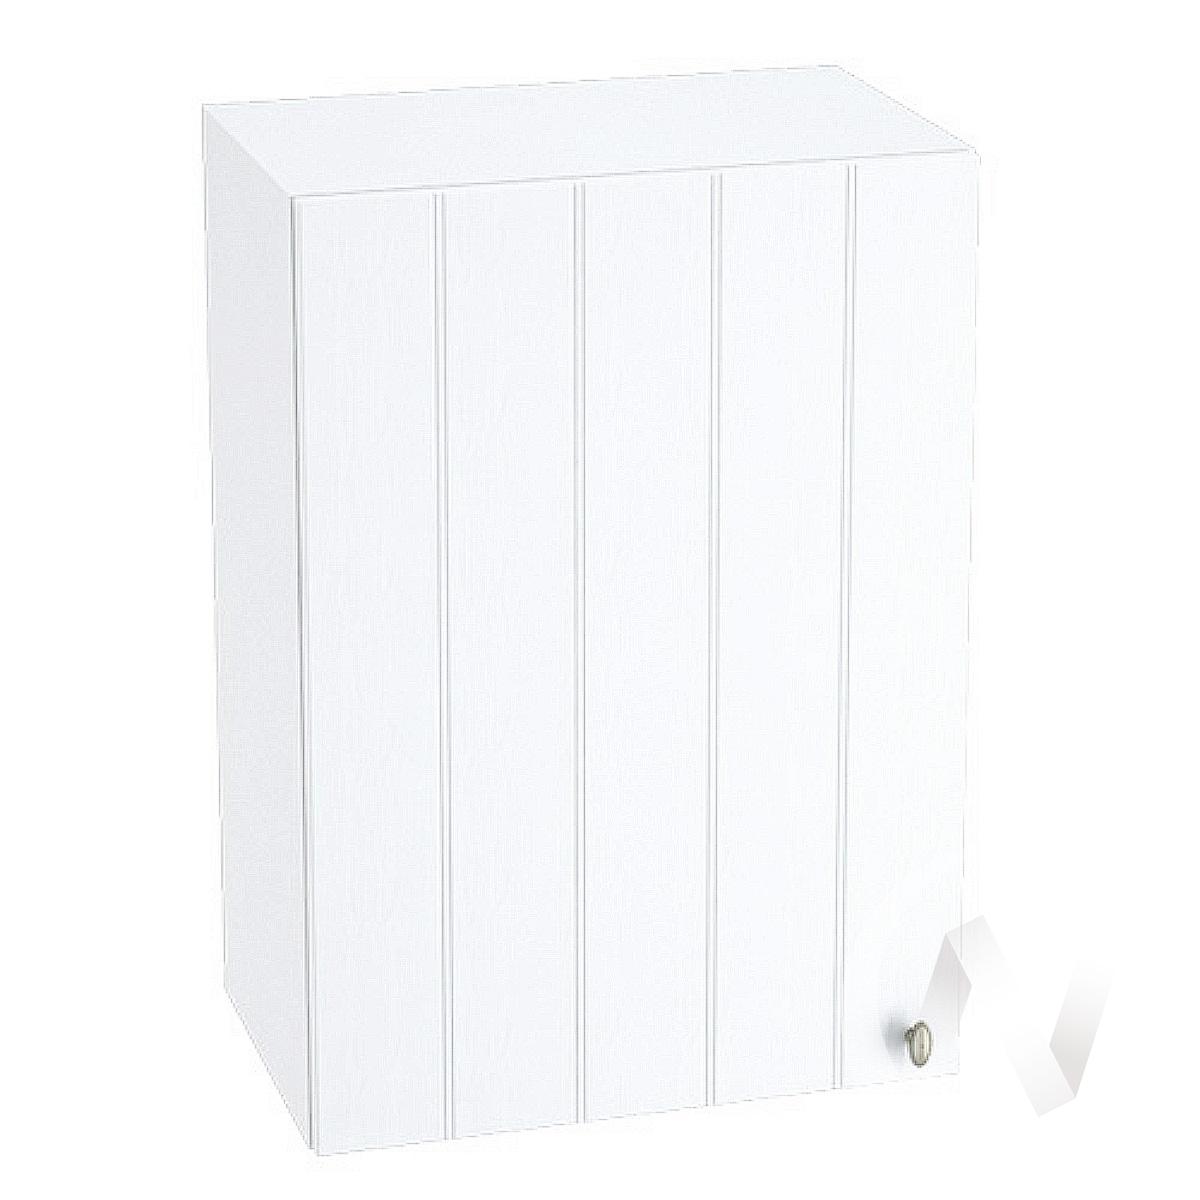 """Кухня """"Прованс"""": Шкаф верхний 500, ШВ 500 (белое дерево/корпус белый) в Томске — авторская мебель Экостиль"""